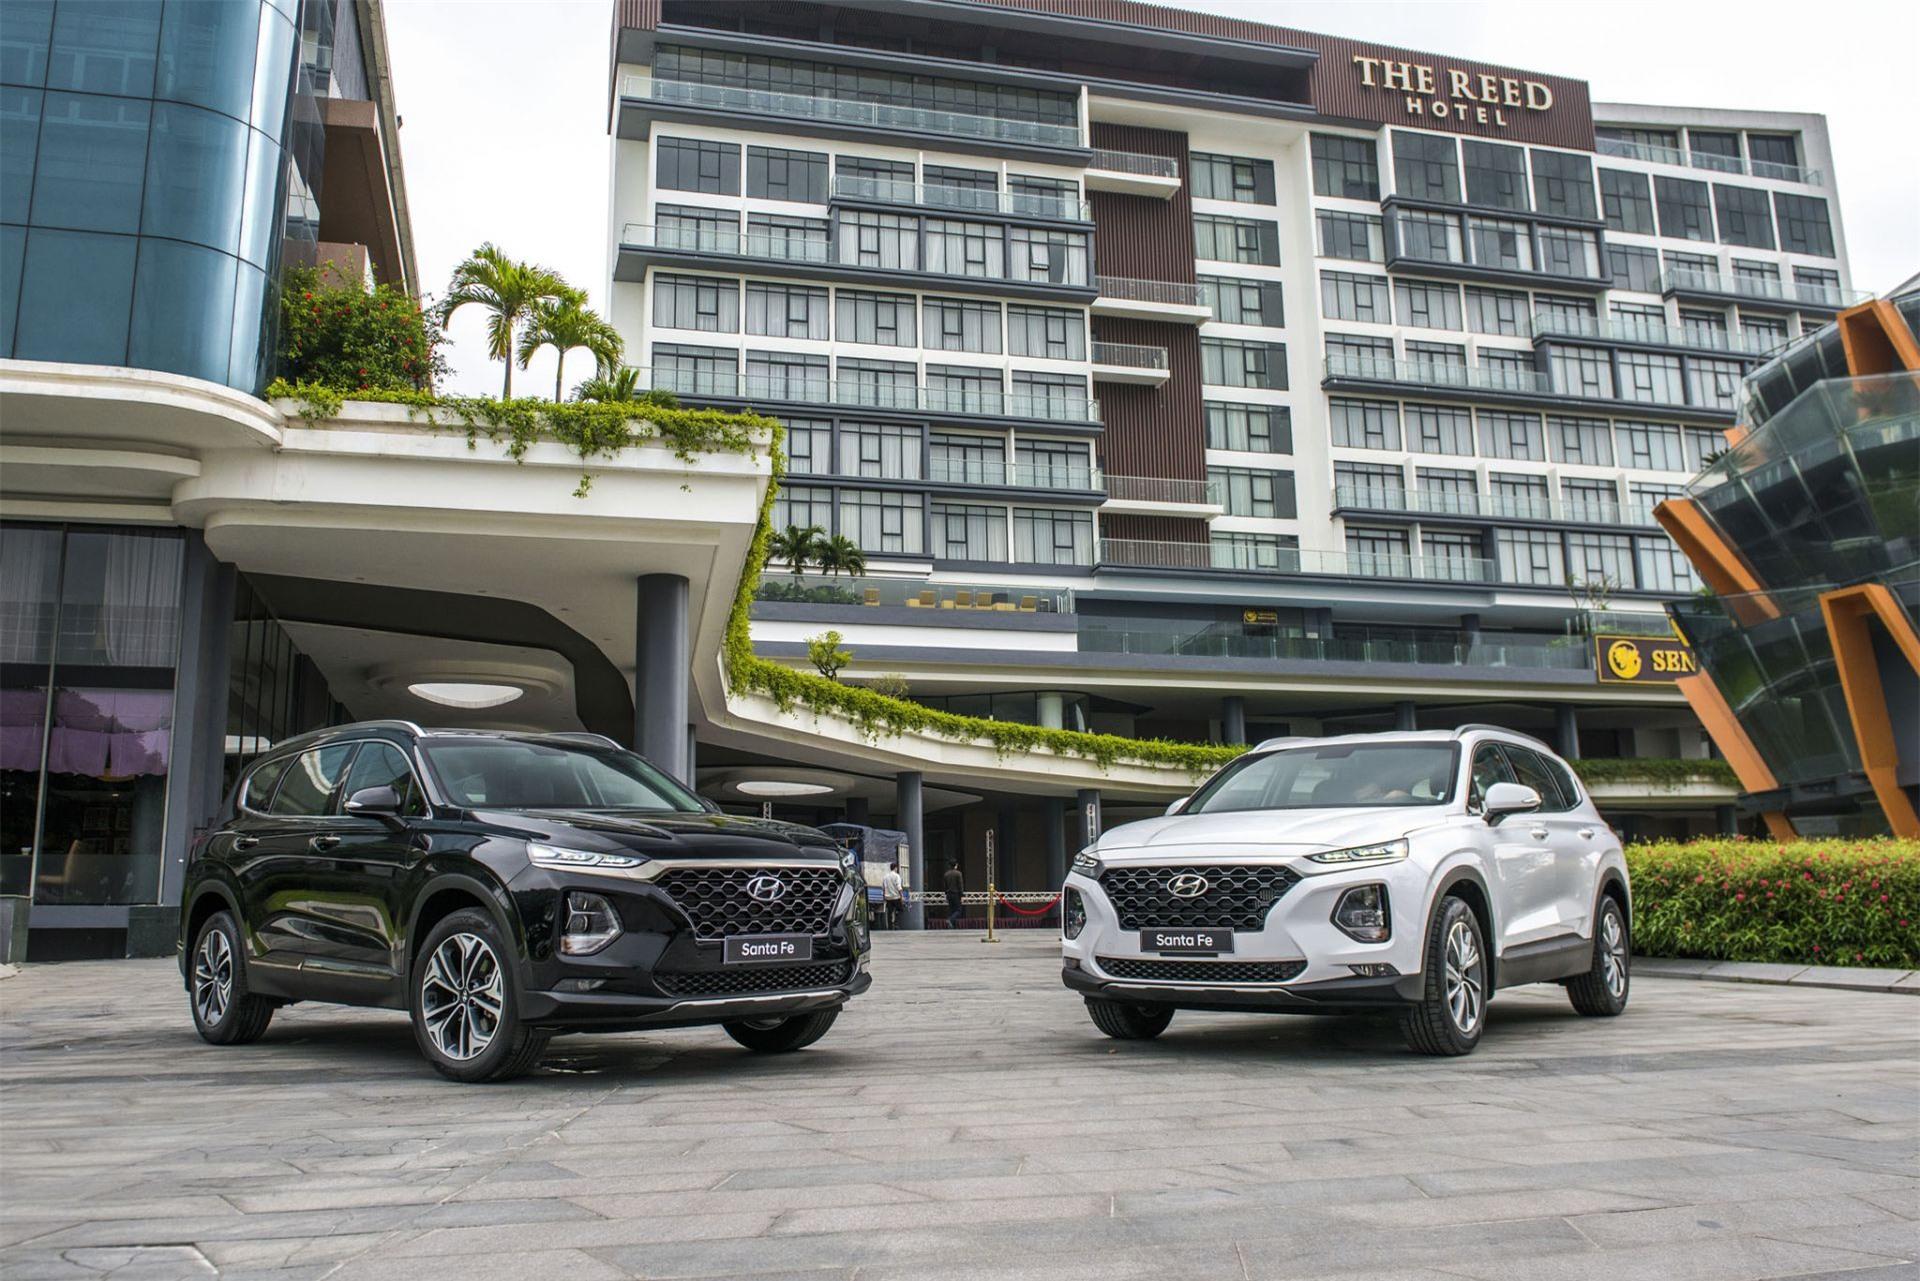 Hyundai Santa Fe thế hệ mới sẽ sớm ra mắt thị trường Việt Nam